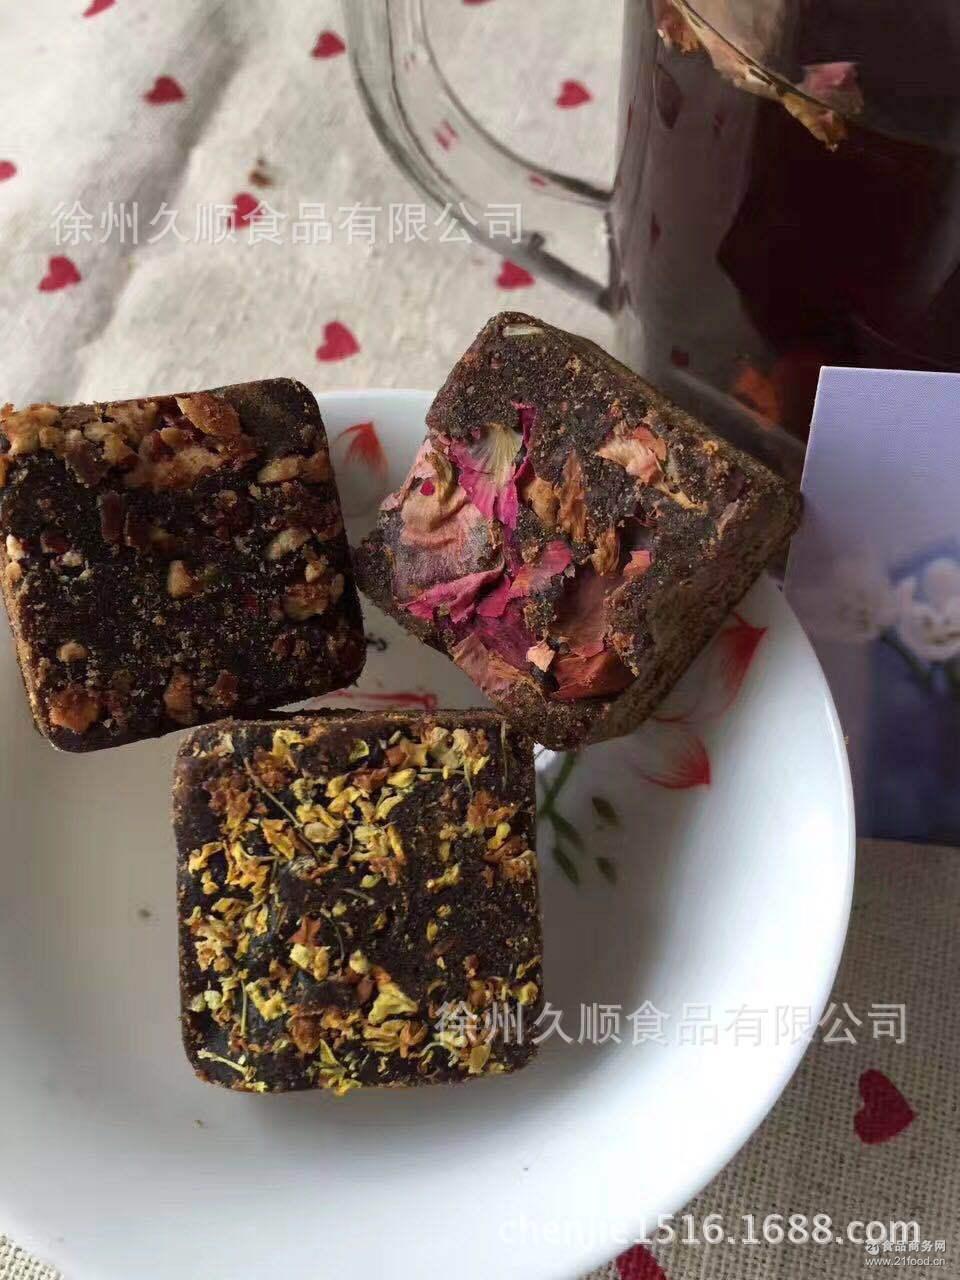 云南特产古法红糖纯甘蔗古法熬制手工红糖红玫瑰黑糖方形姜红糖